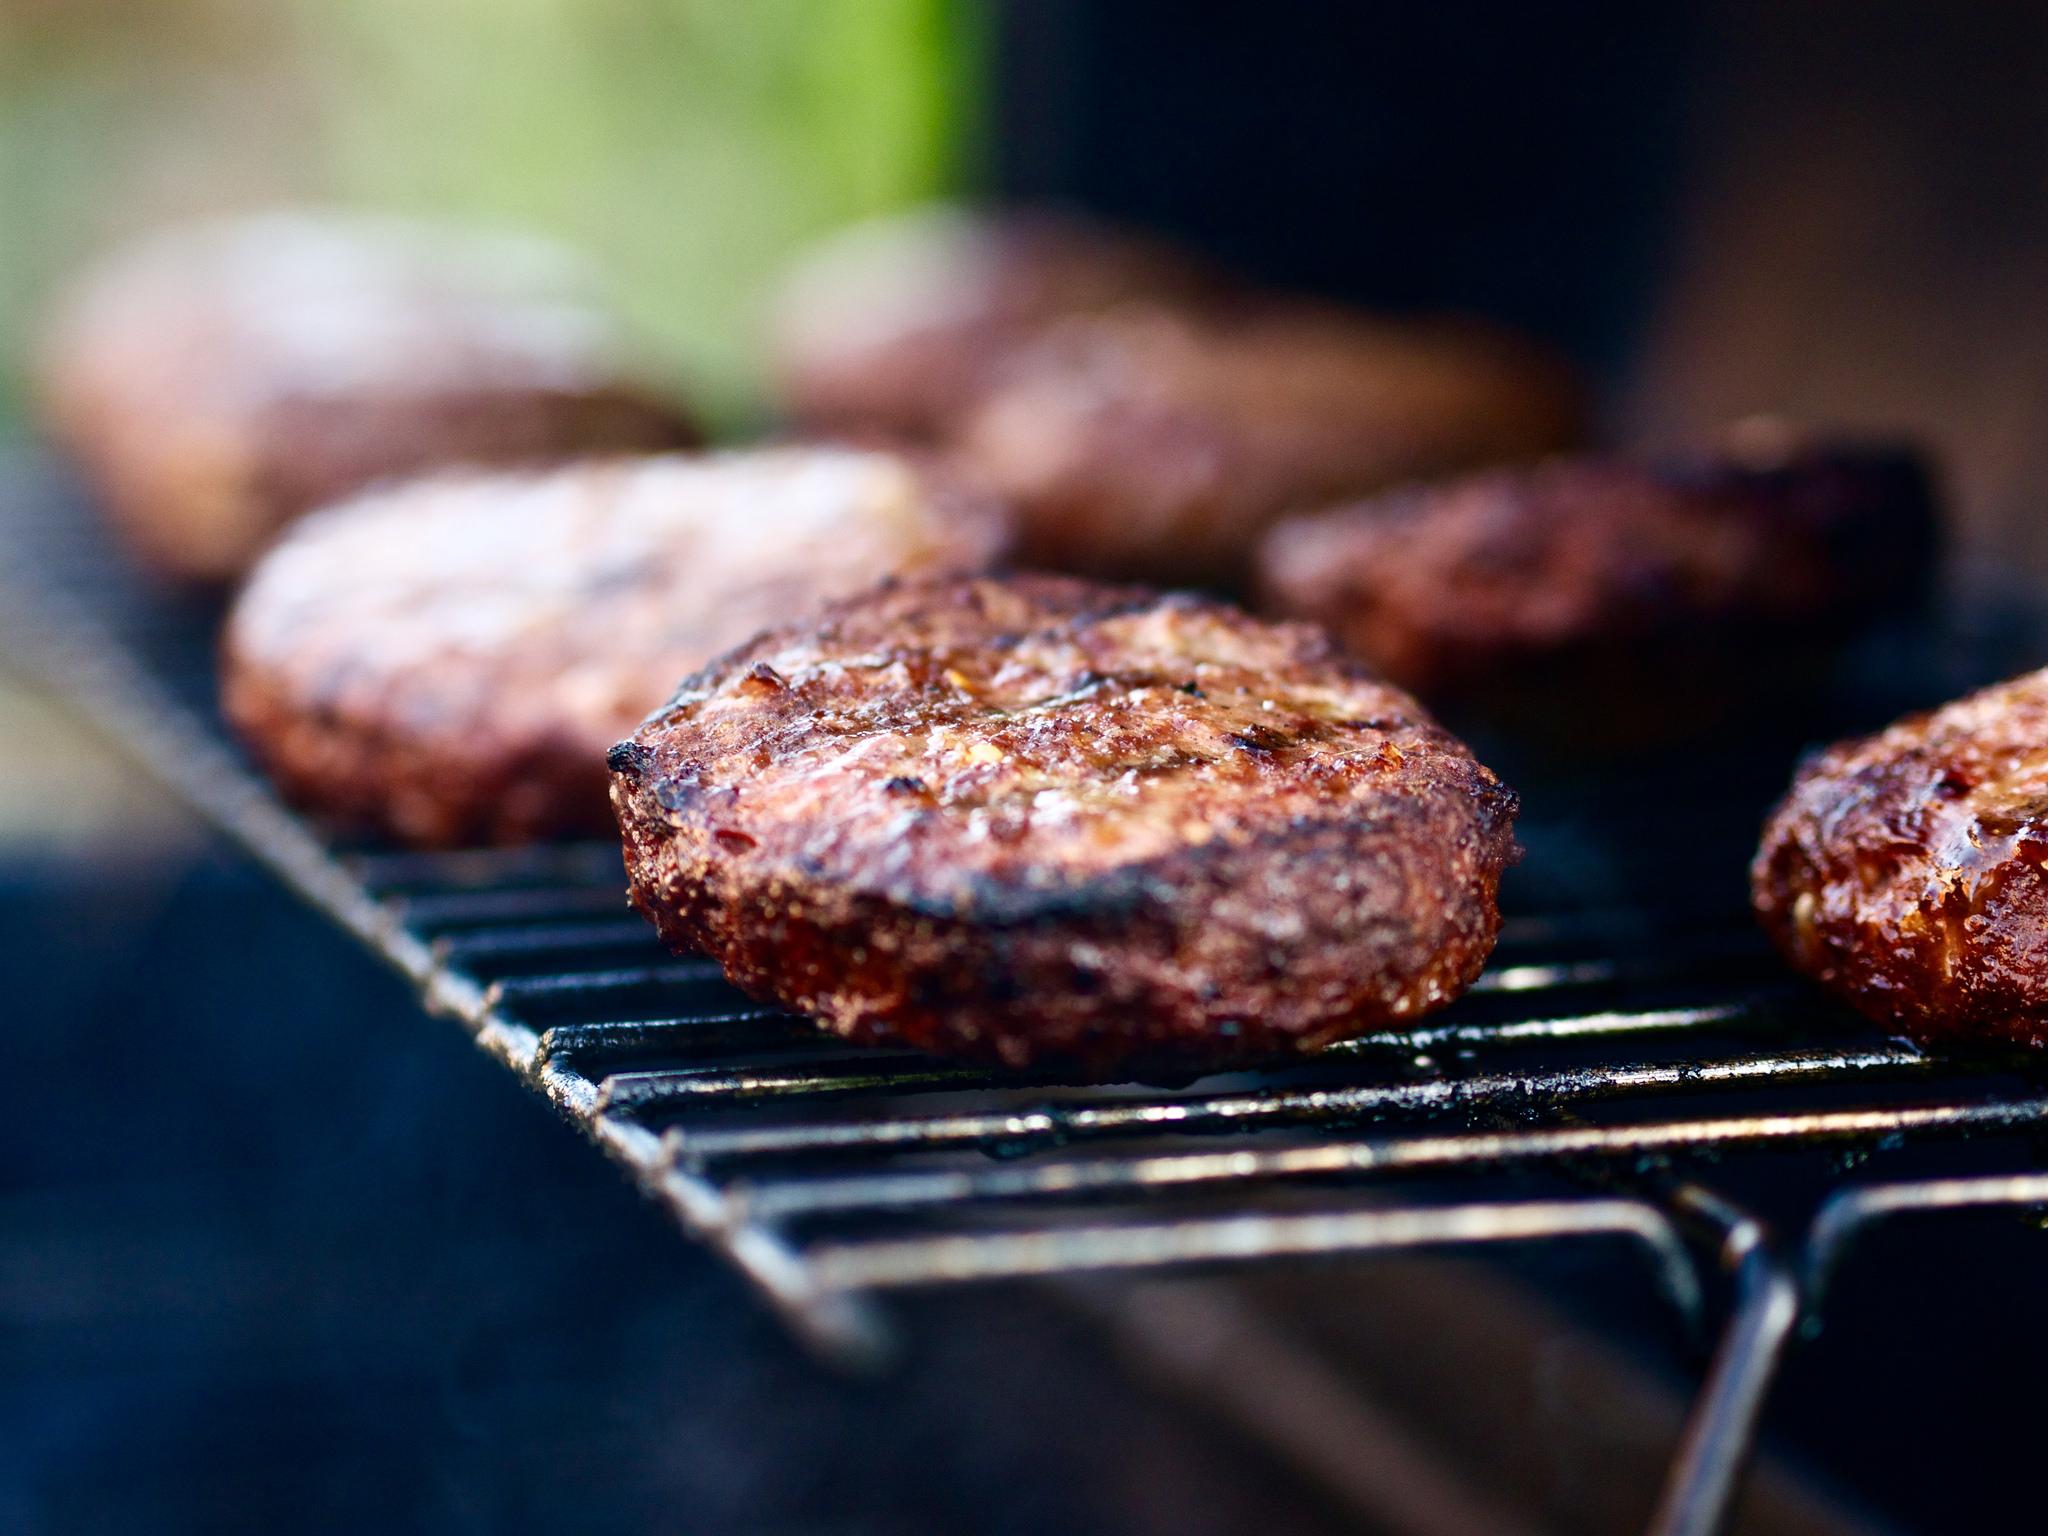 Estudo relaciona consumo de carne com altas chances de mortalidade